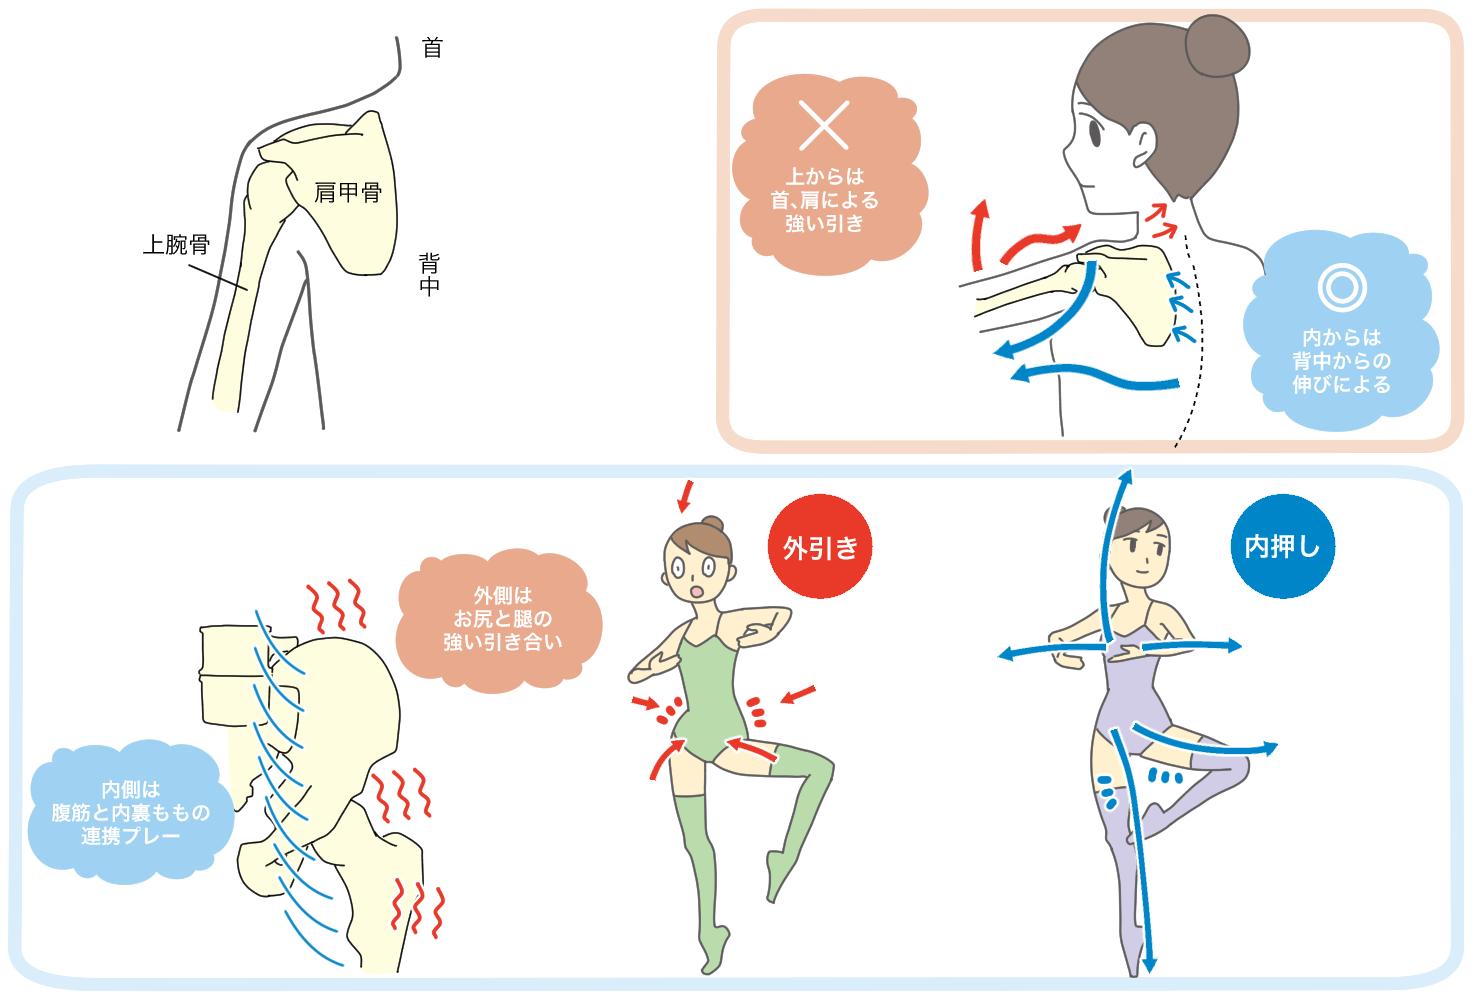 股関節と肩関節内外の流れ.png